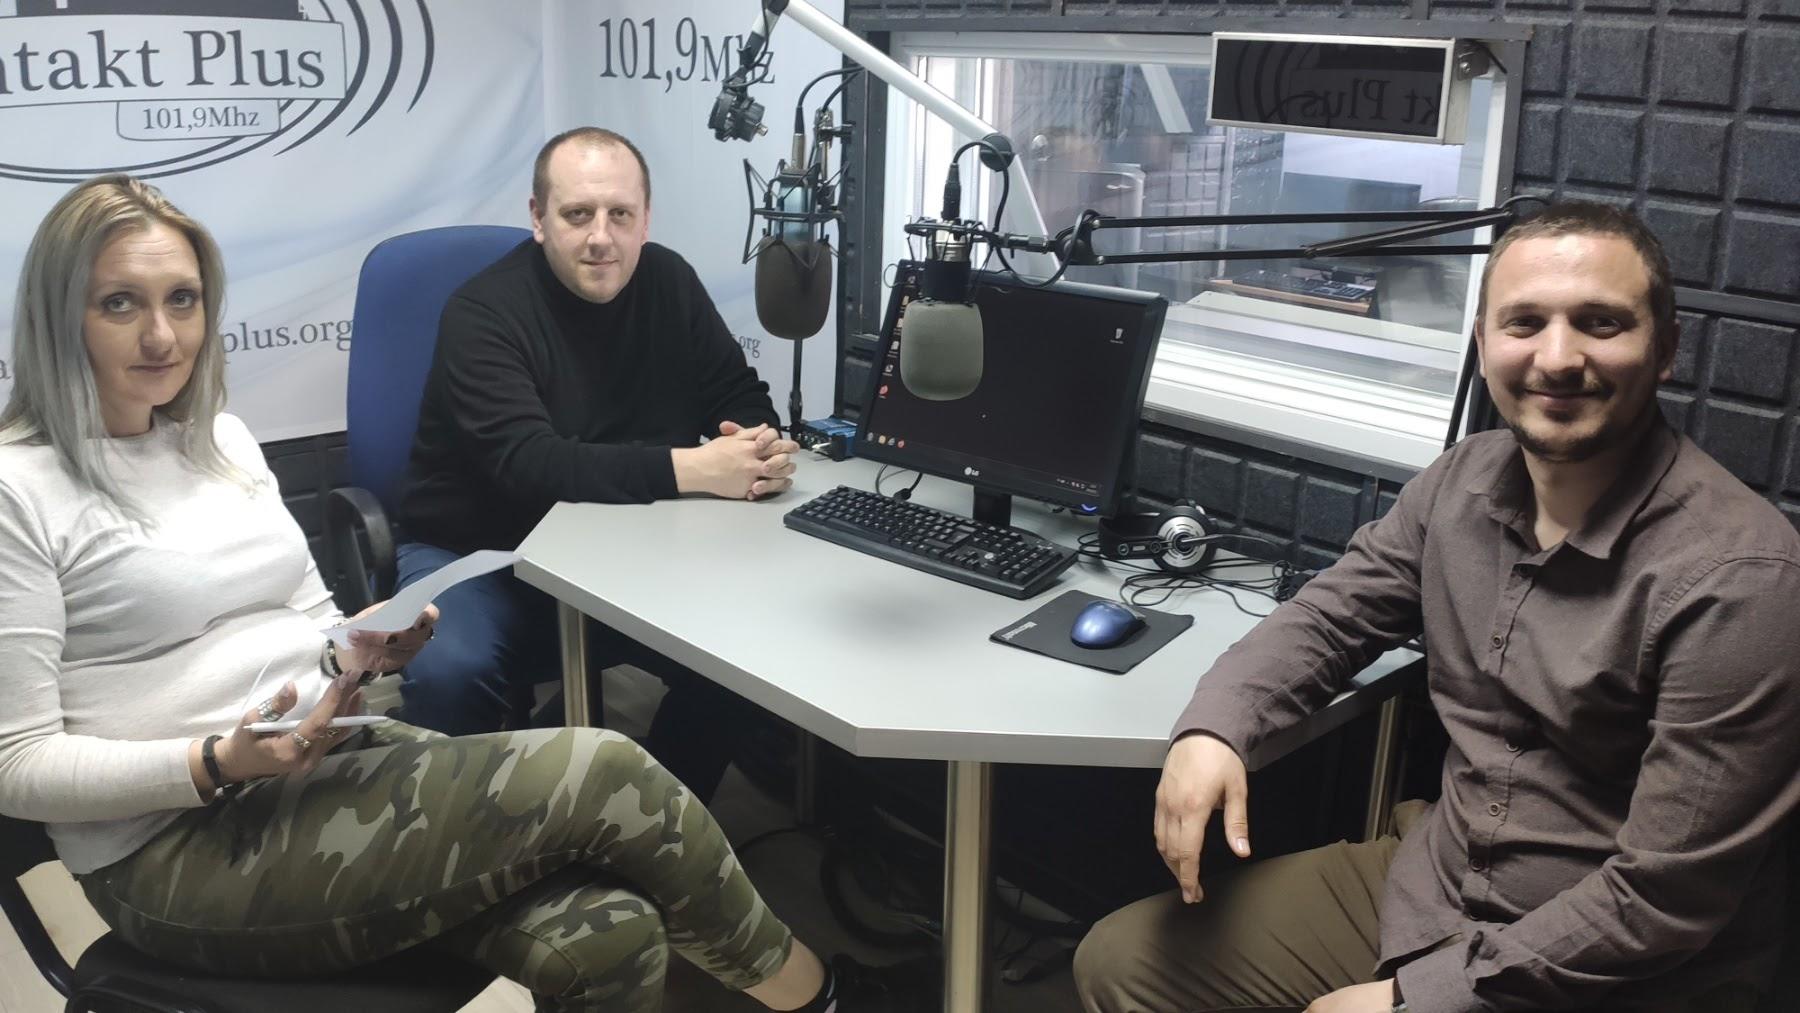 na-kosovu-oko-70-hiljada-neresenih-imovinskih-slucajeva-koji-se-ticu-uglavnom-srpske-zajednice